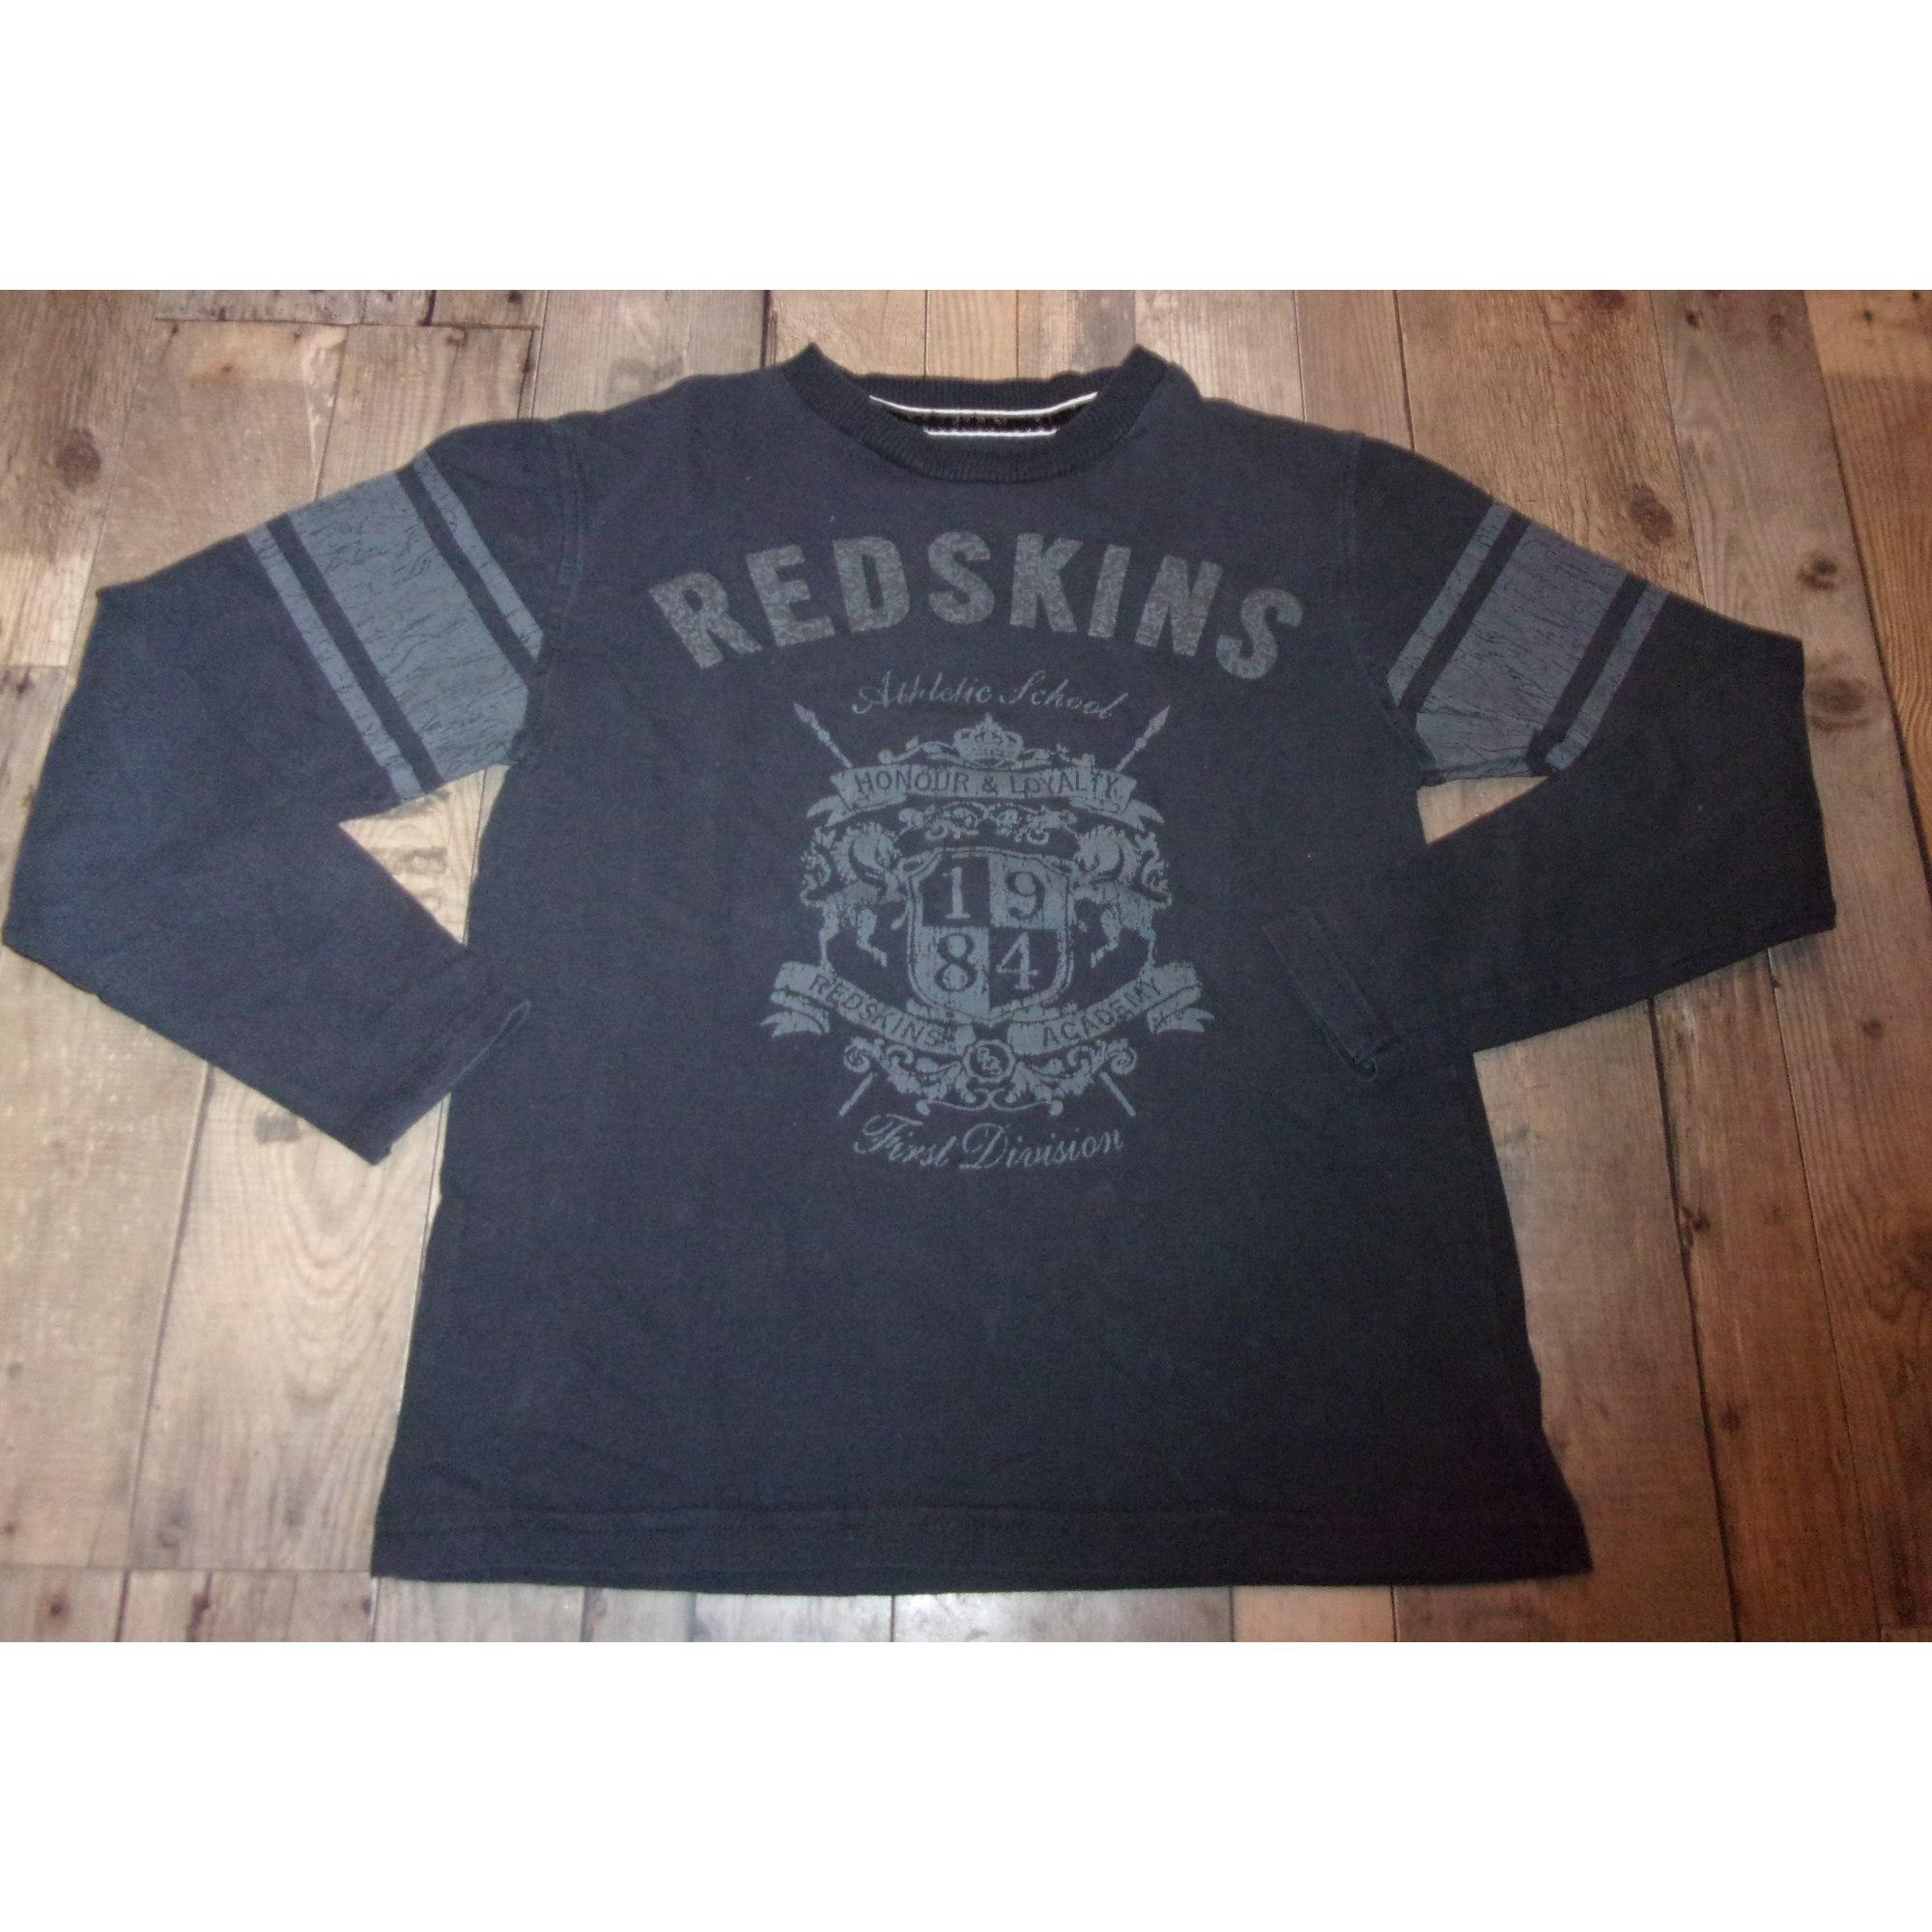 3a396dda Tee-shirt REDSKINS